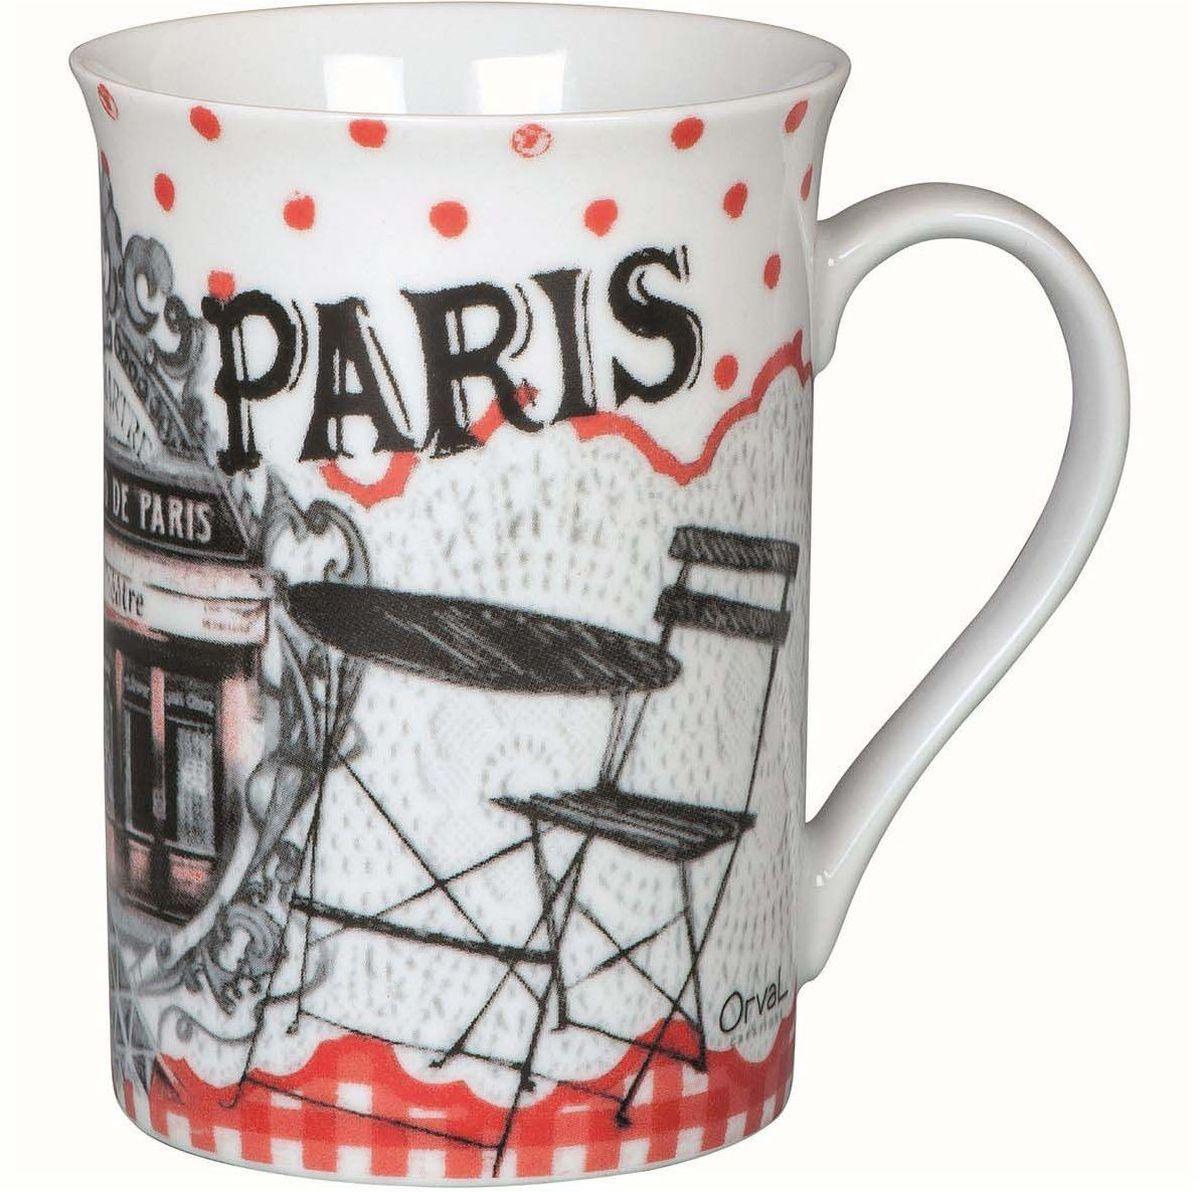 Кружка ORVAL Бистро де Пари, 270 мл115510Кружка украсит Ваш ежедневный завтрак или чашку чая или кофе Изящное дополнение к своей столовой посуде